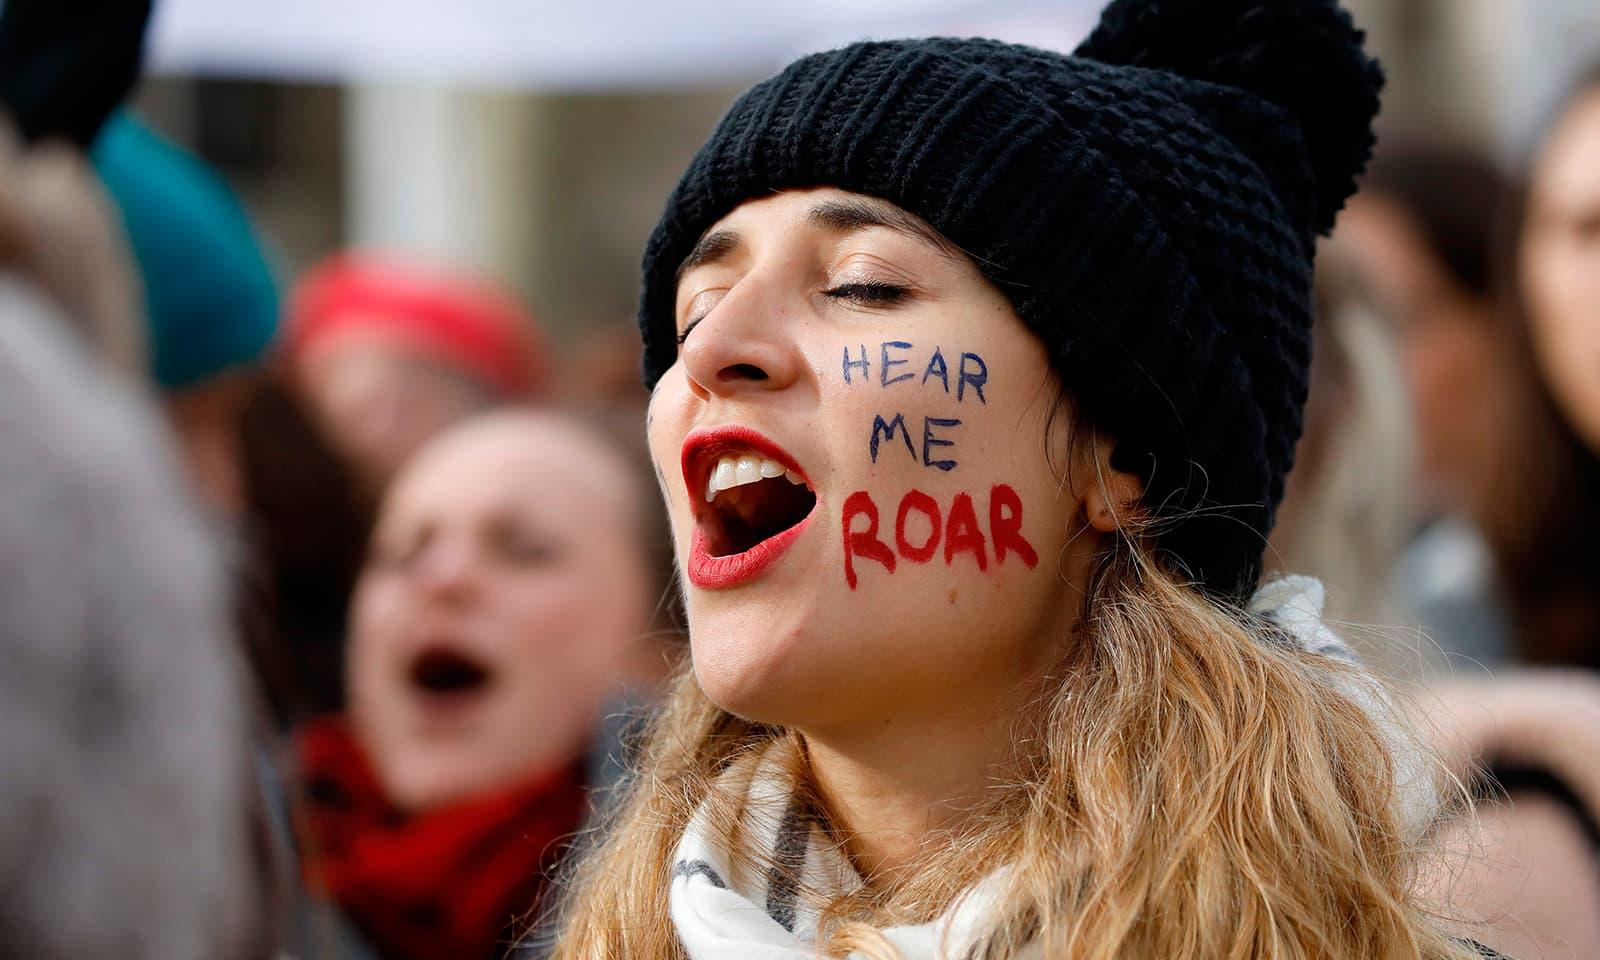 فرانس میں بھی خواتین نے خصوصی دن کے اعتبار سے ریلیاں نکالیں—فوٹو: اے ایف پی